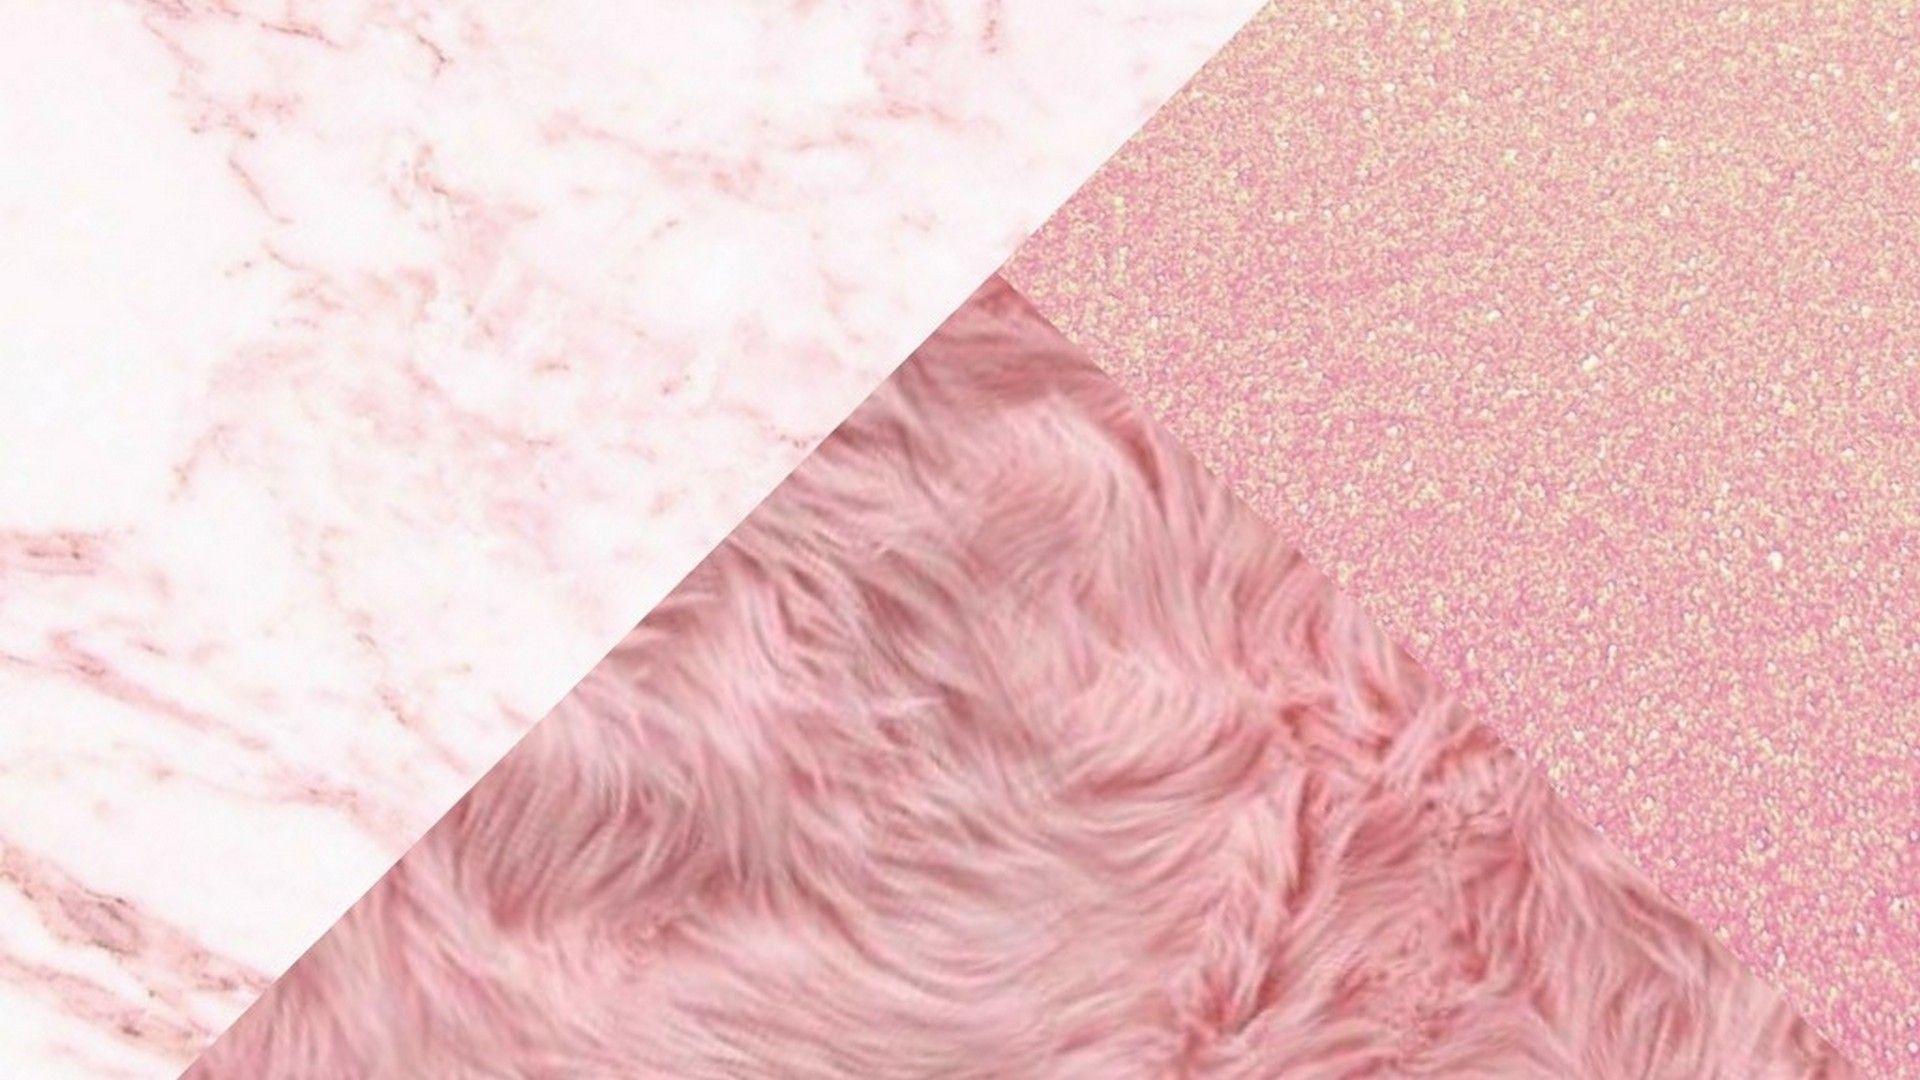 Pink Marble Desktop Wallpapers Top Free Pink Marble